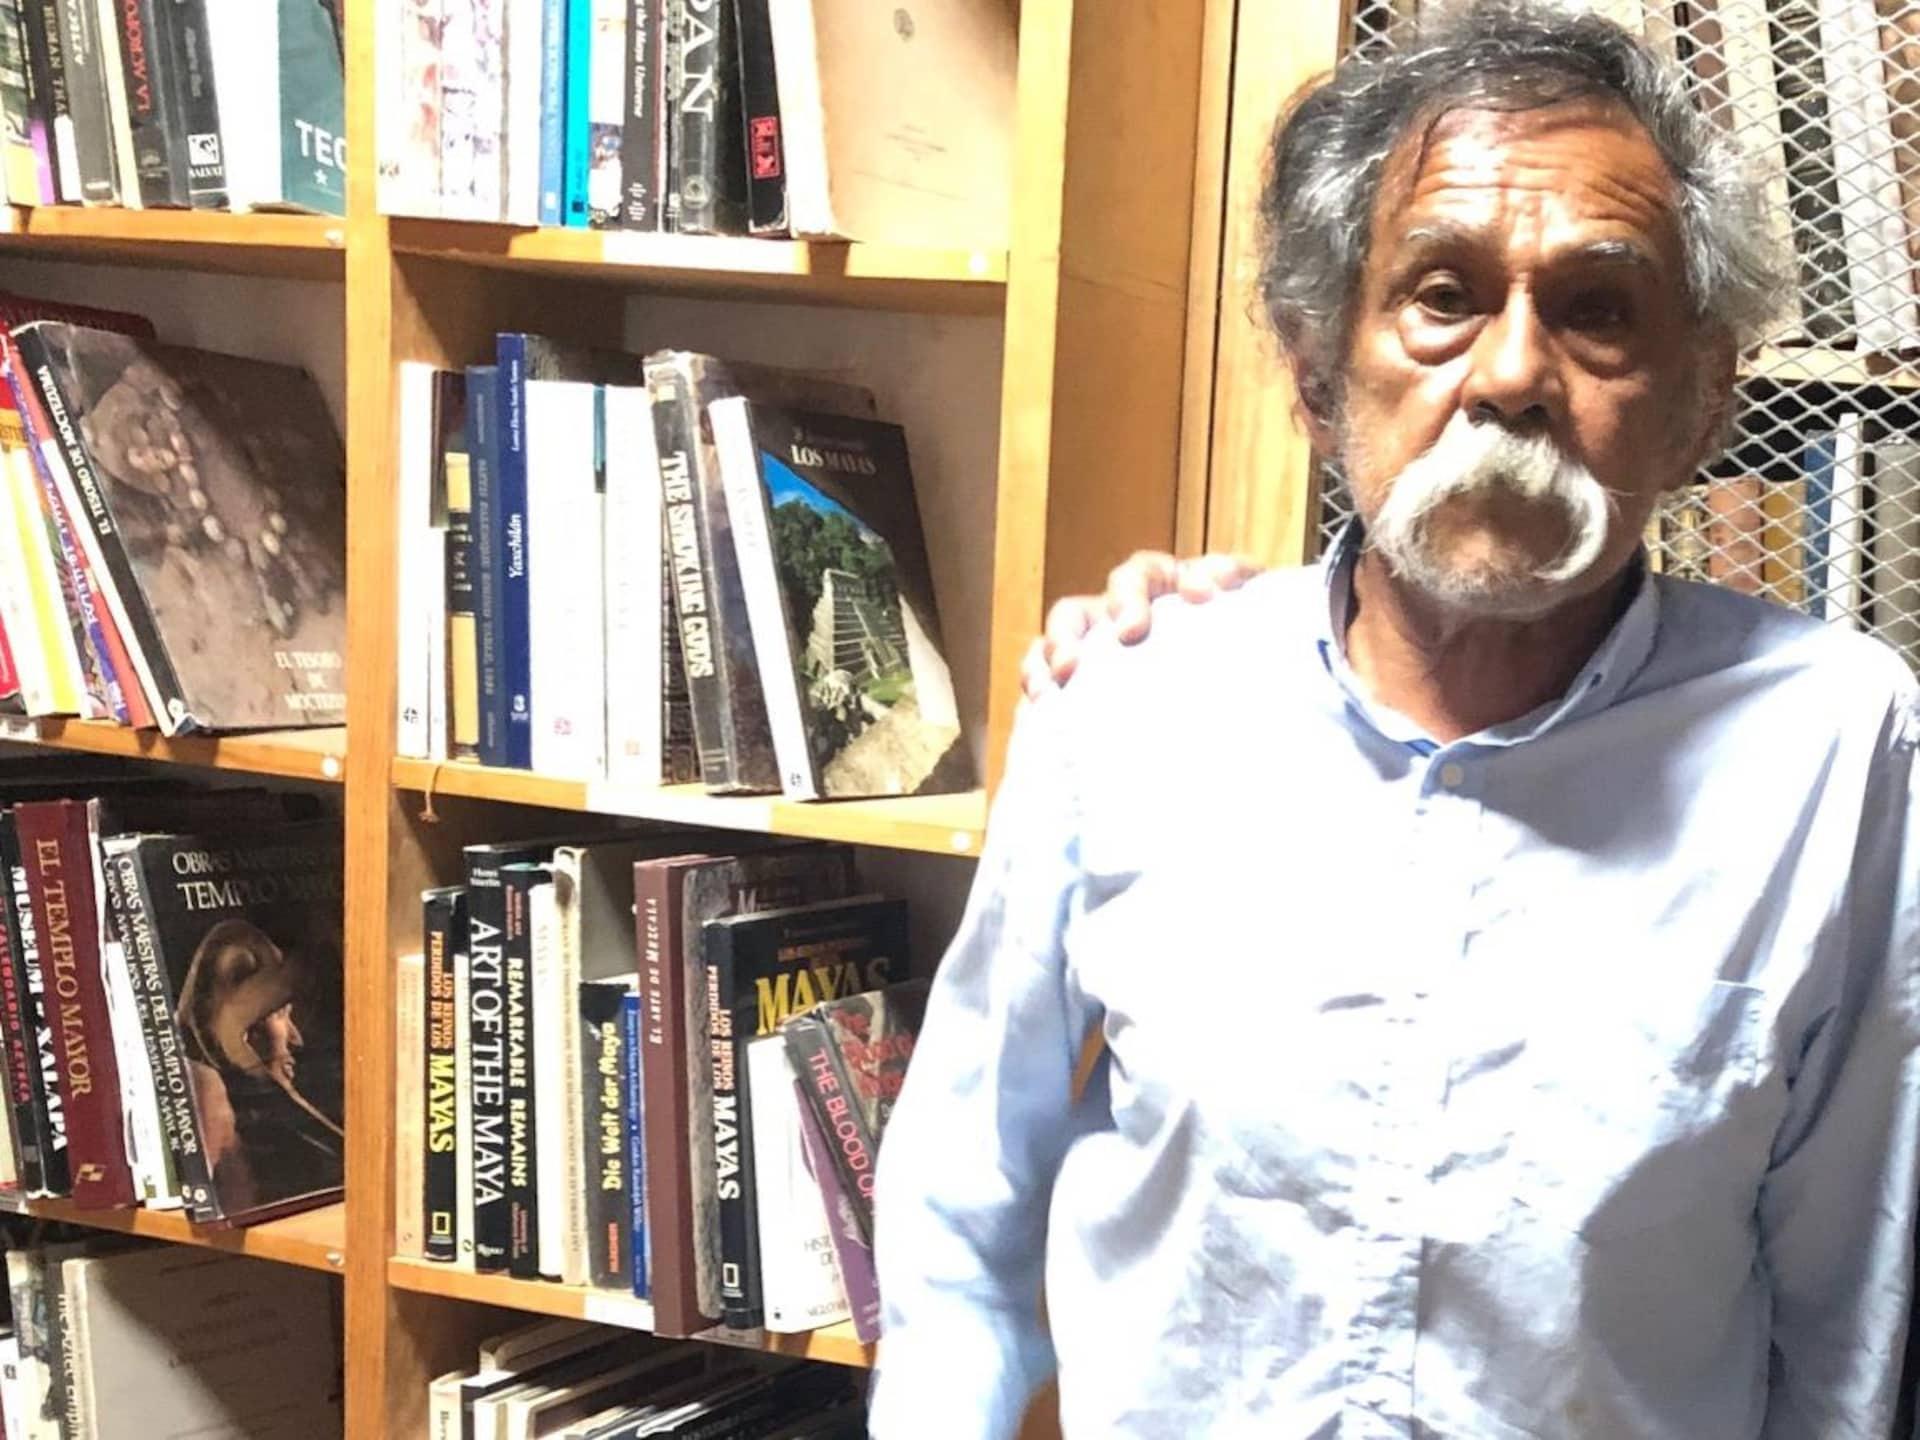 Le peintre se tient debout à côté d'étagères pleines de livres.